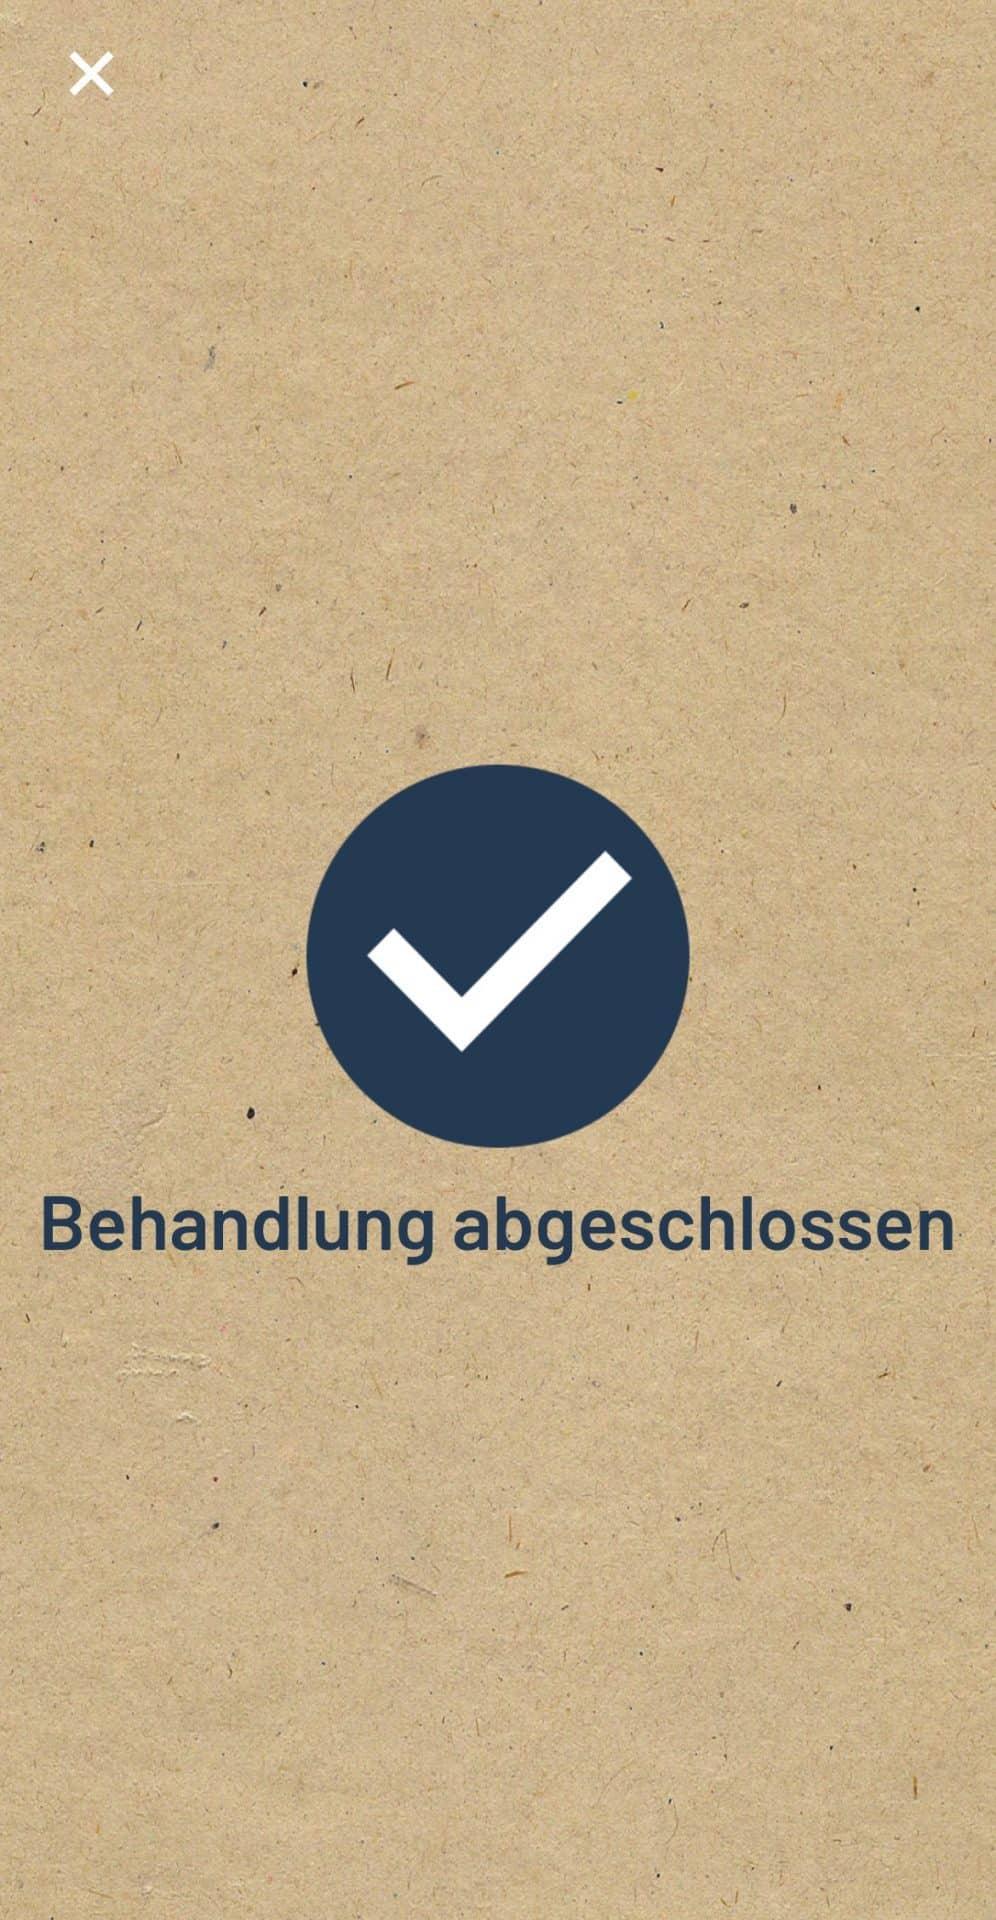 Stichheiler-Mueckenstich-Schmerzlinderung-heat_it-Behandlung-abgeschlossen